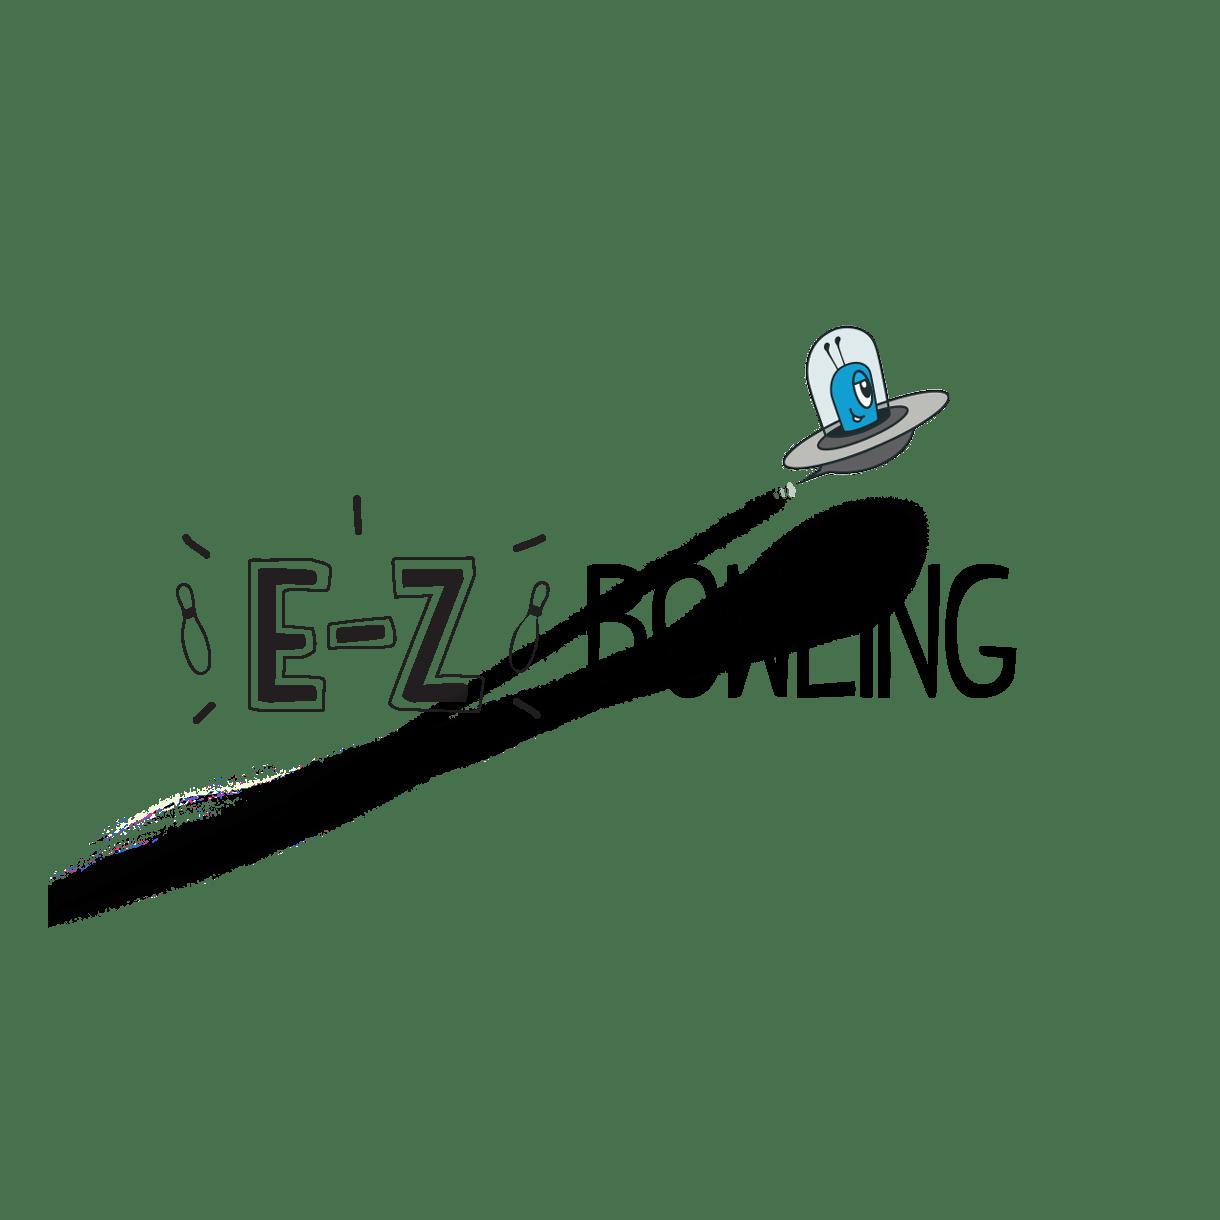 e-z-bowling-logo-1